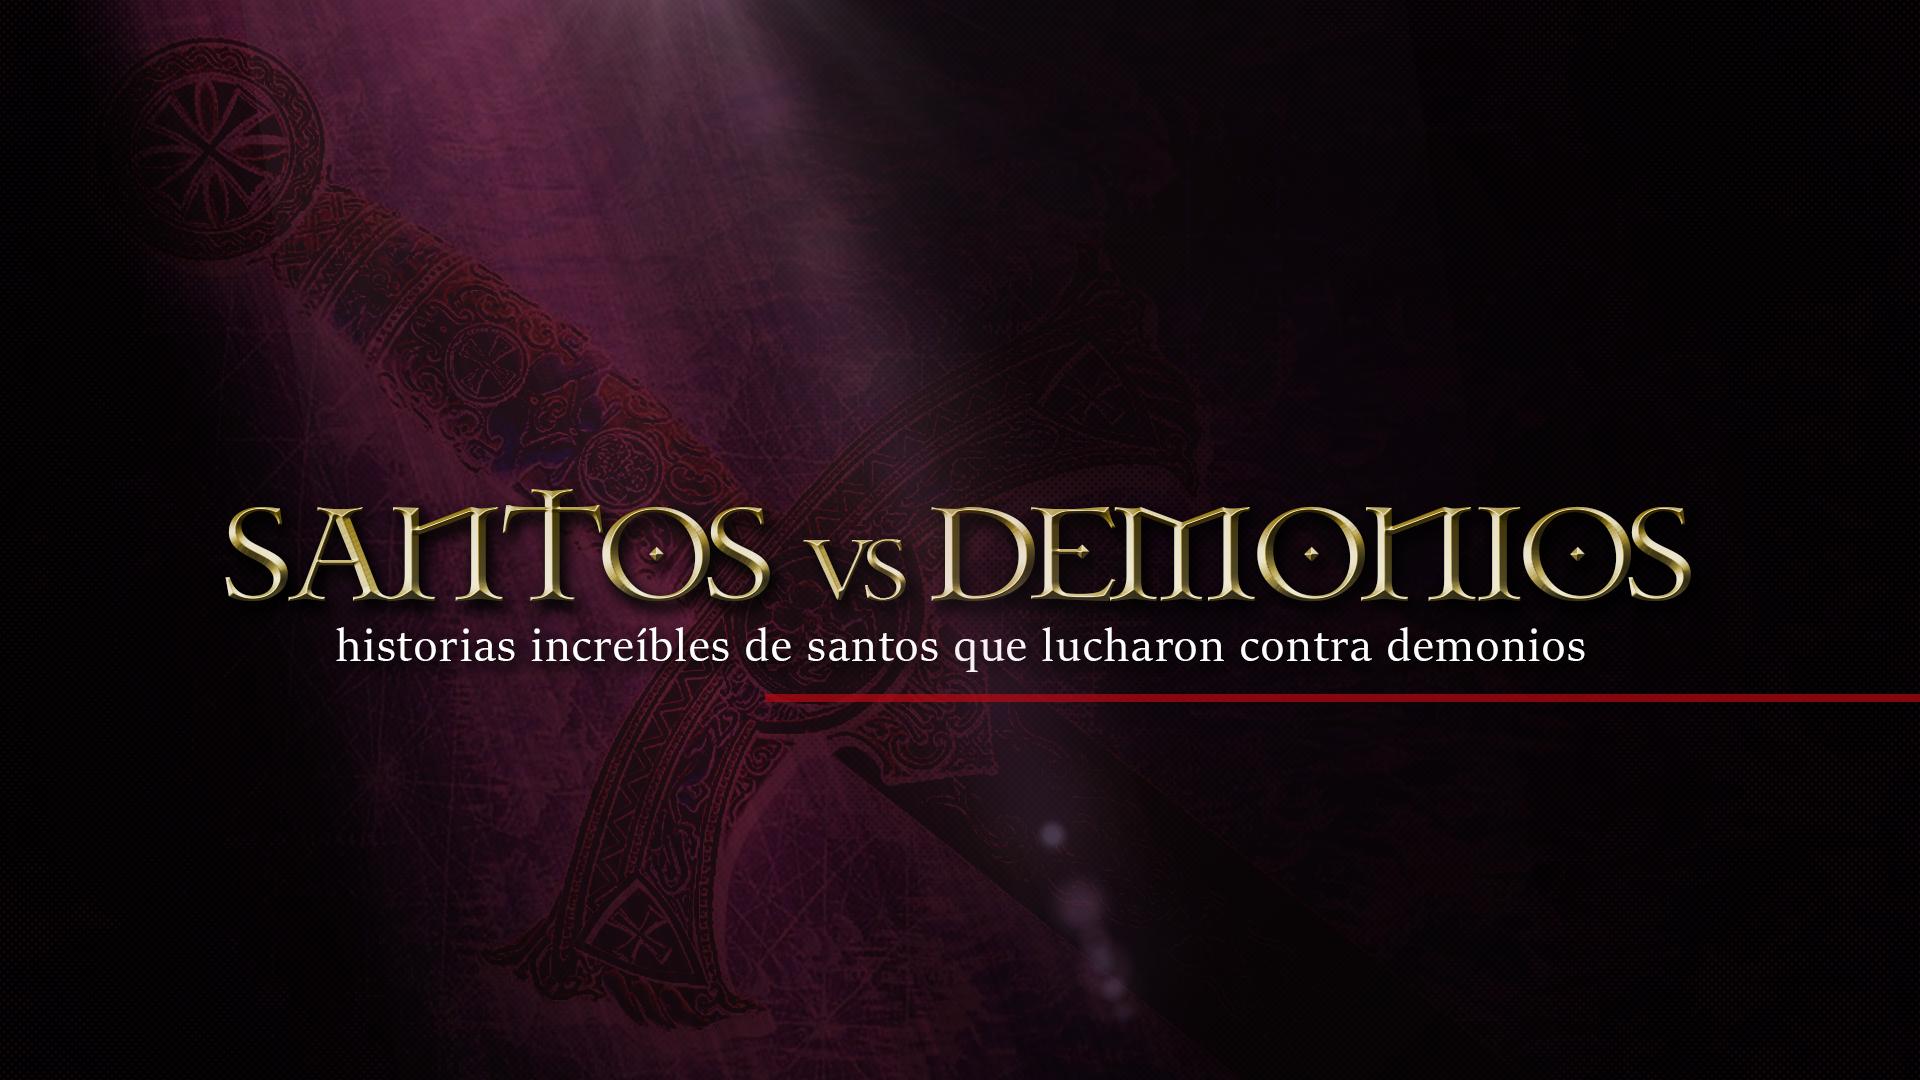 Santos vs Demonios